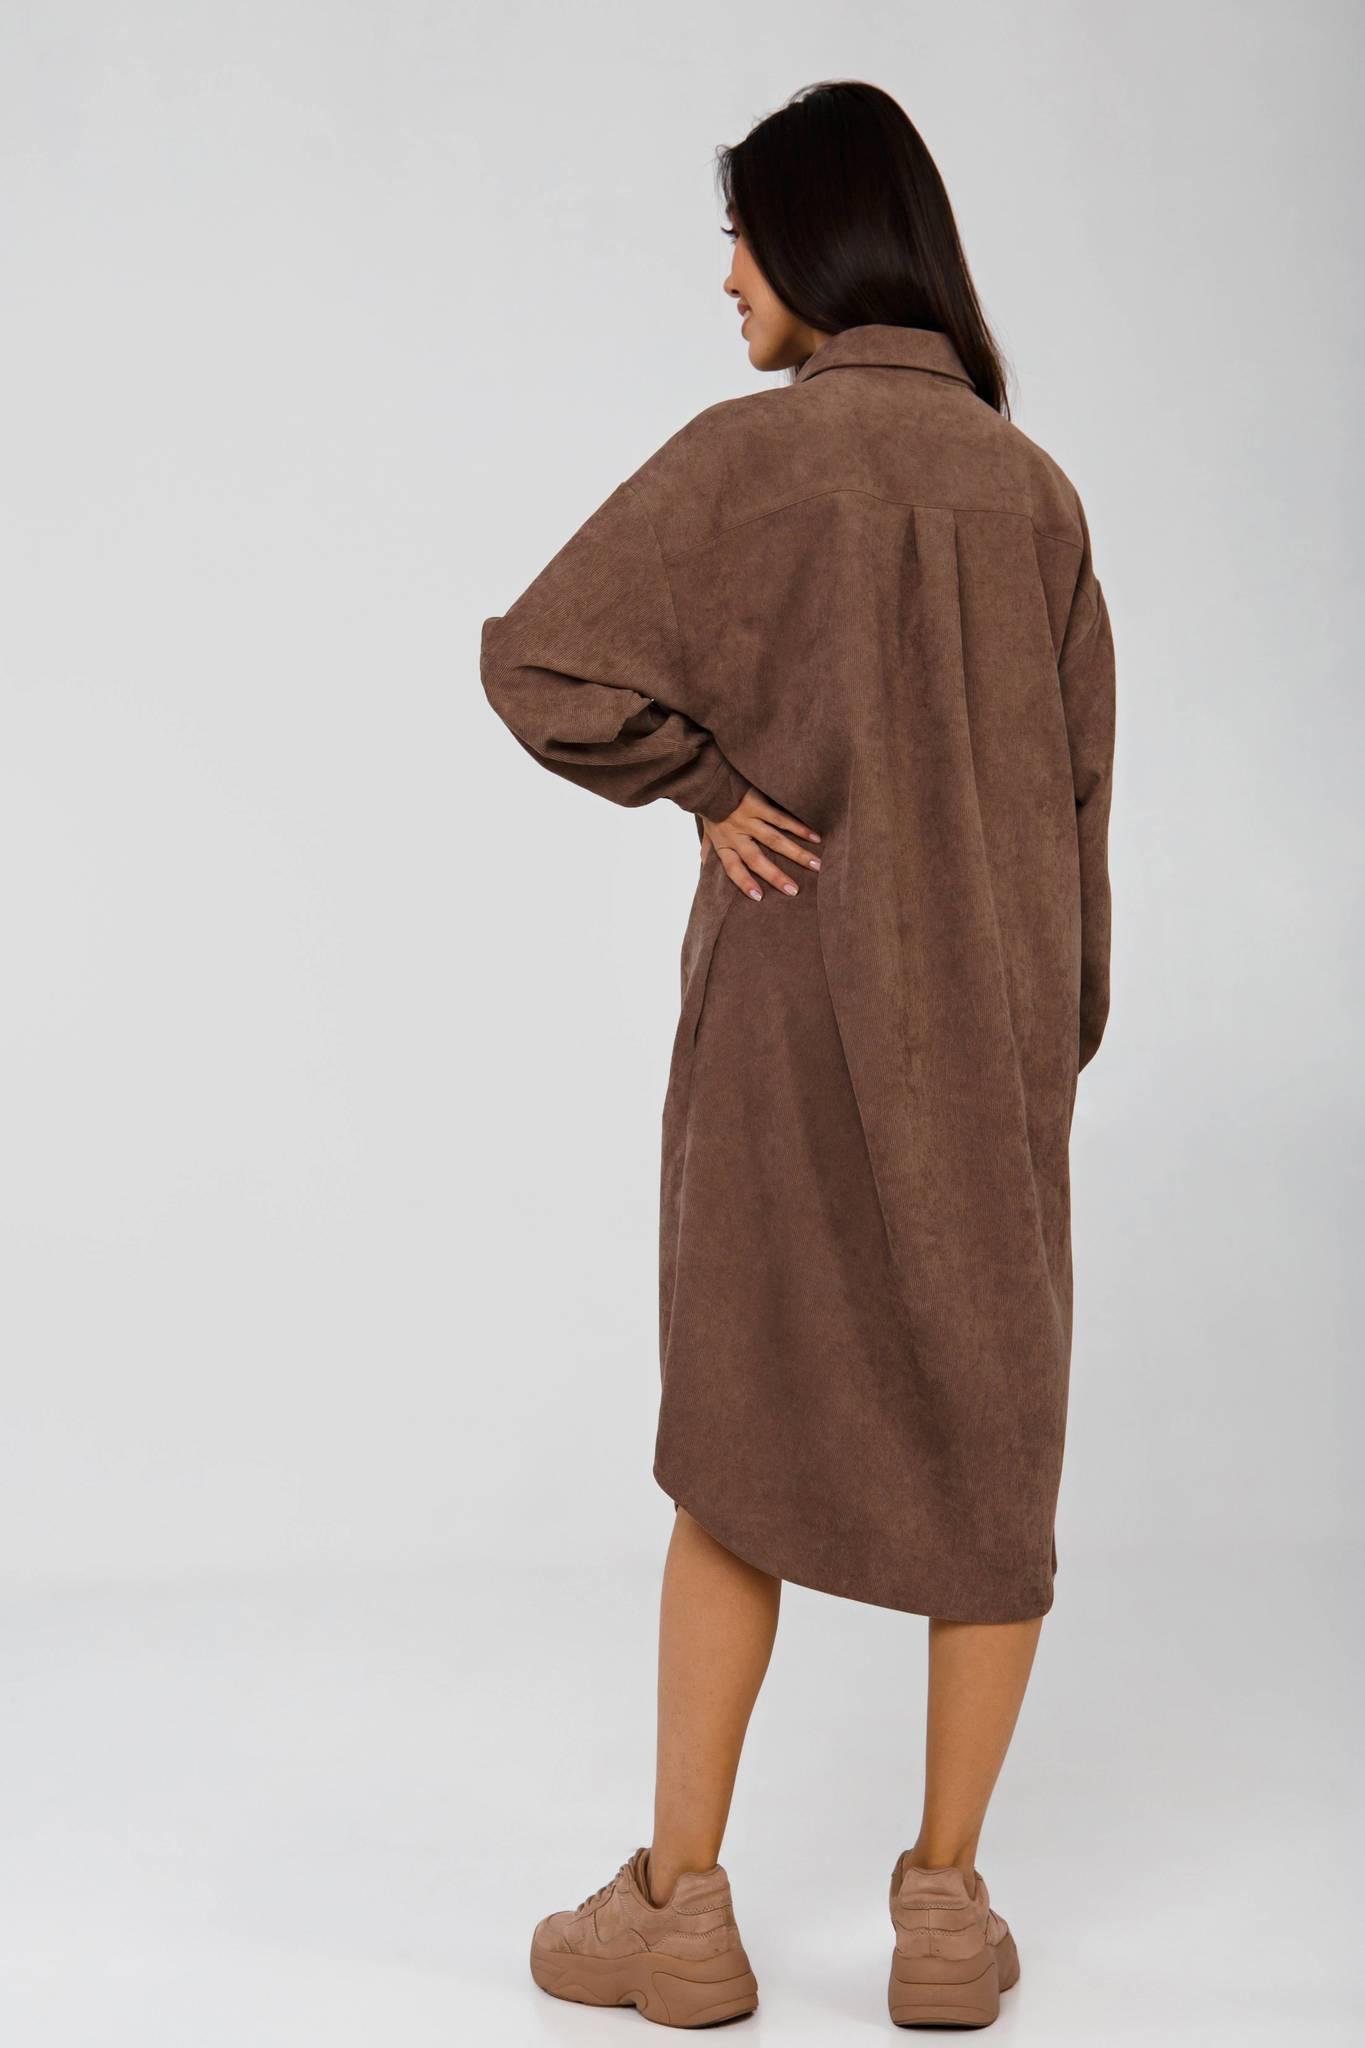 Платье-рубашка коричневое из вельвета в рубчик YOS от украинского бренда Your Own Style